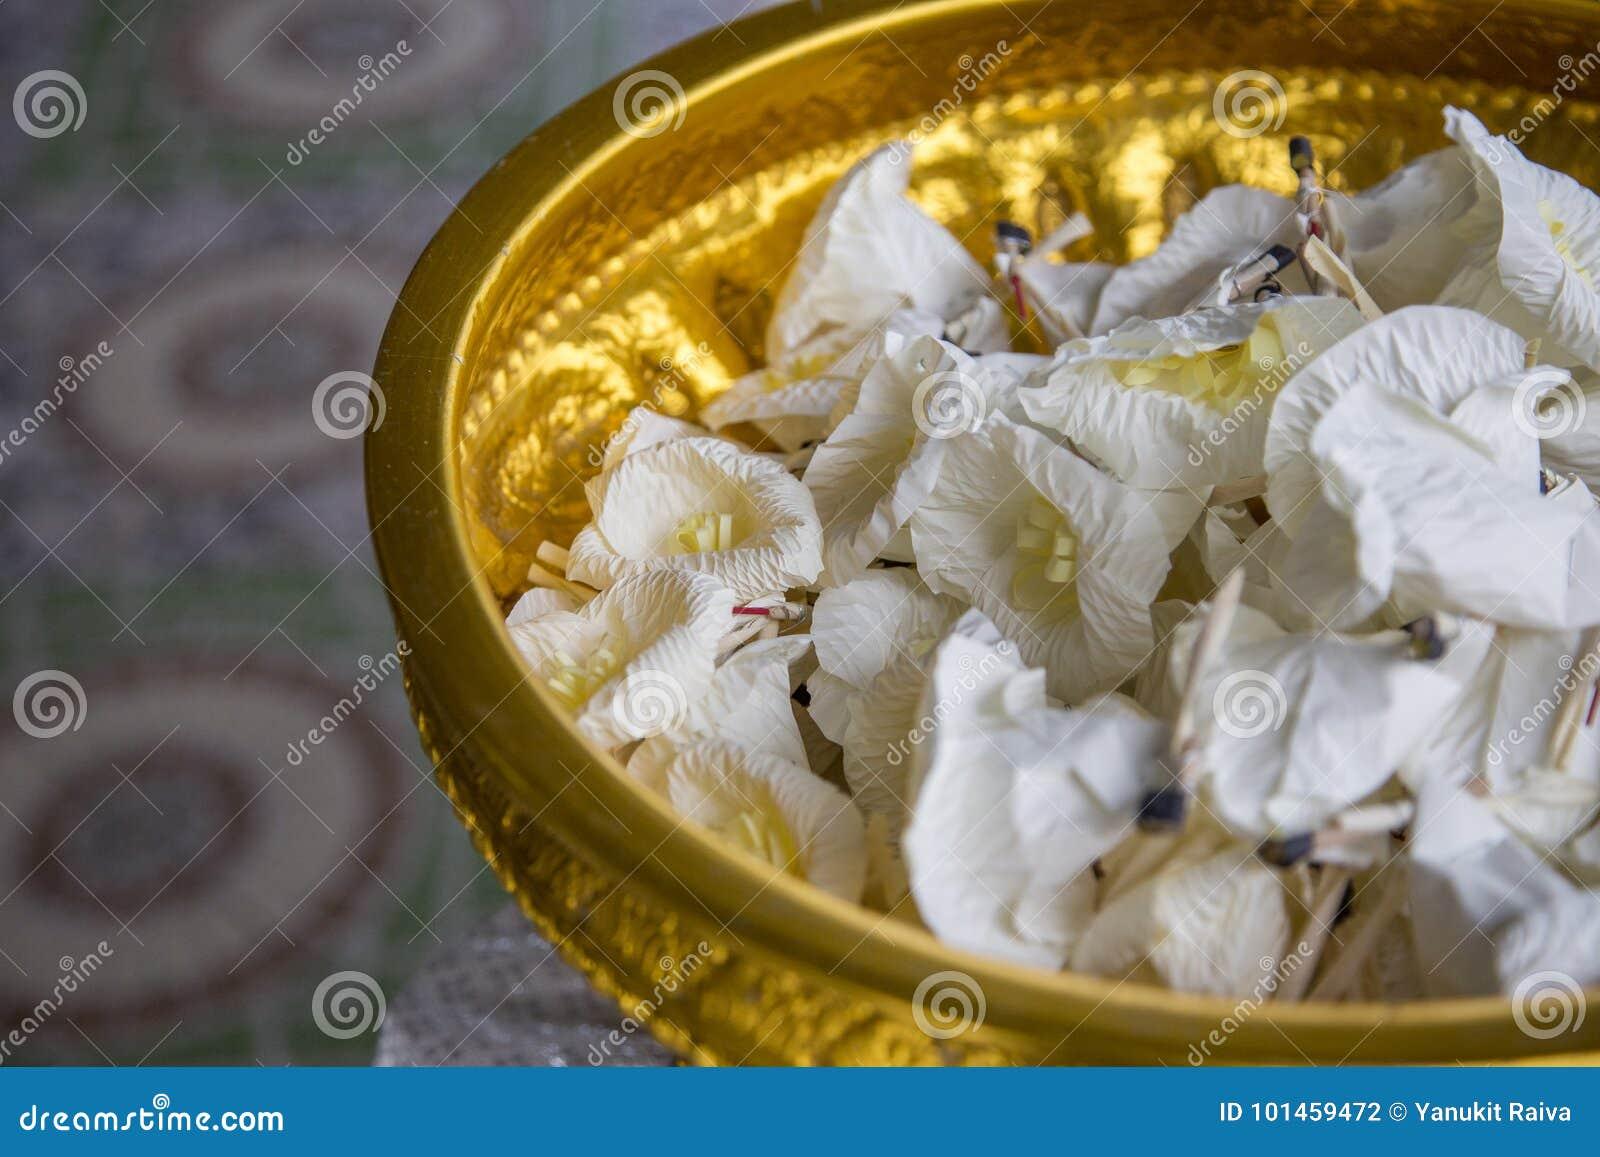 Fiore di carta nella cerimonia funerea nel buddismo